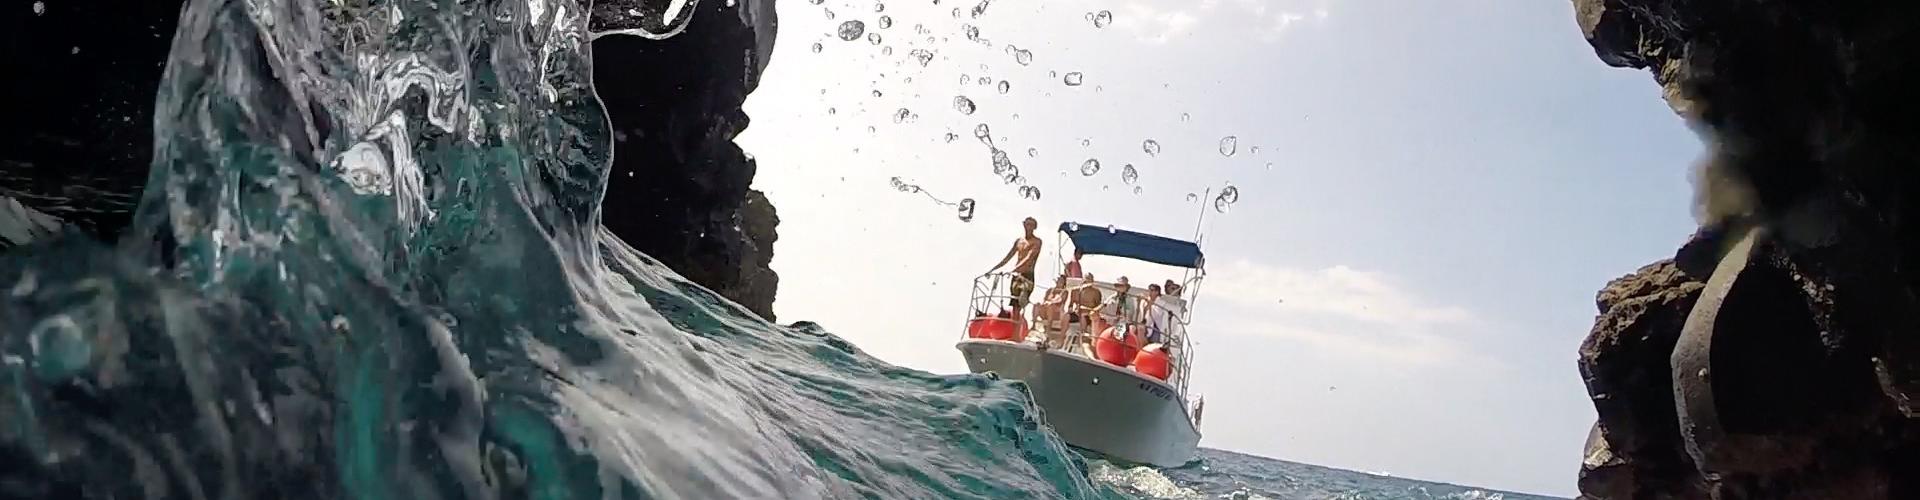 Jack's Dive Boat - Lava Tube